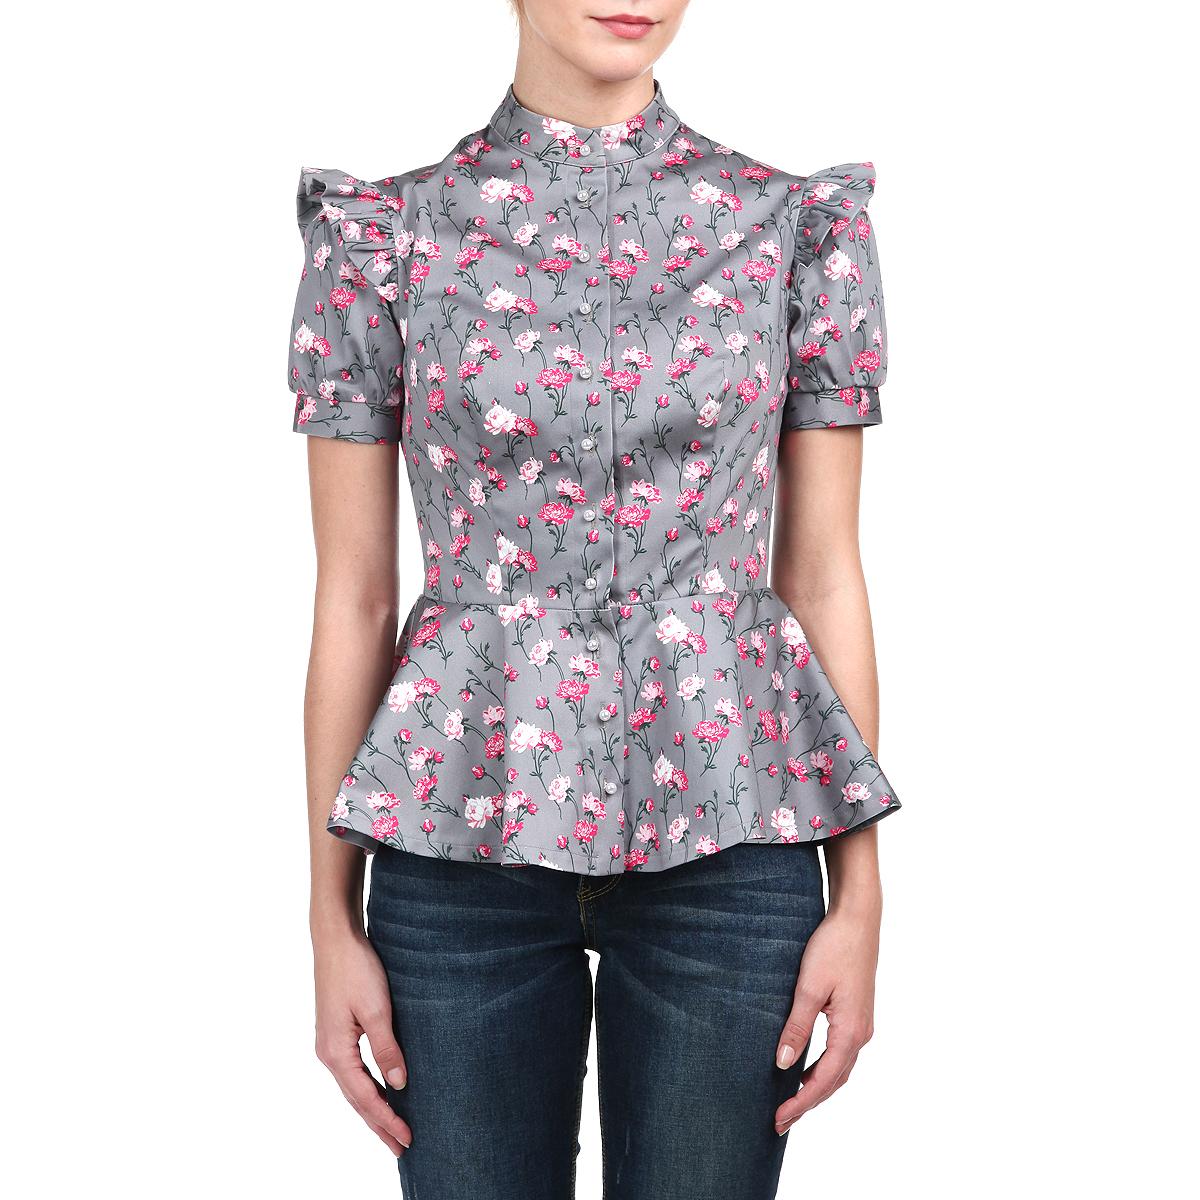 БлузкаM75K-22Элегантная блуза Анна Чапман изготовлена из высококачественного хлопка с добавлением эластана. Блузка оформлена ярким принтом в виде роз. Этот орнамент символизирует дерево жизни и олицетворяет источник человеческого счастья. Баска великолепно подчеркивает талию. Модель украшает изящная отделка: пуговицы-жемчужинки, оборки на коротких рукавах-фонариках, воротник-стойка. Блуза Анна Чапман идеальный вариант для создания эффектного образа.